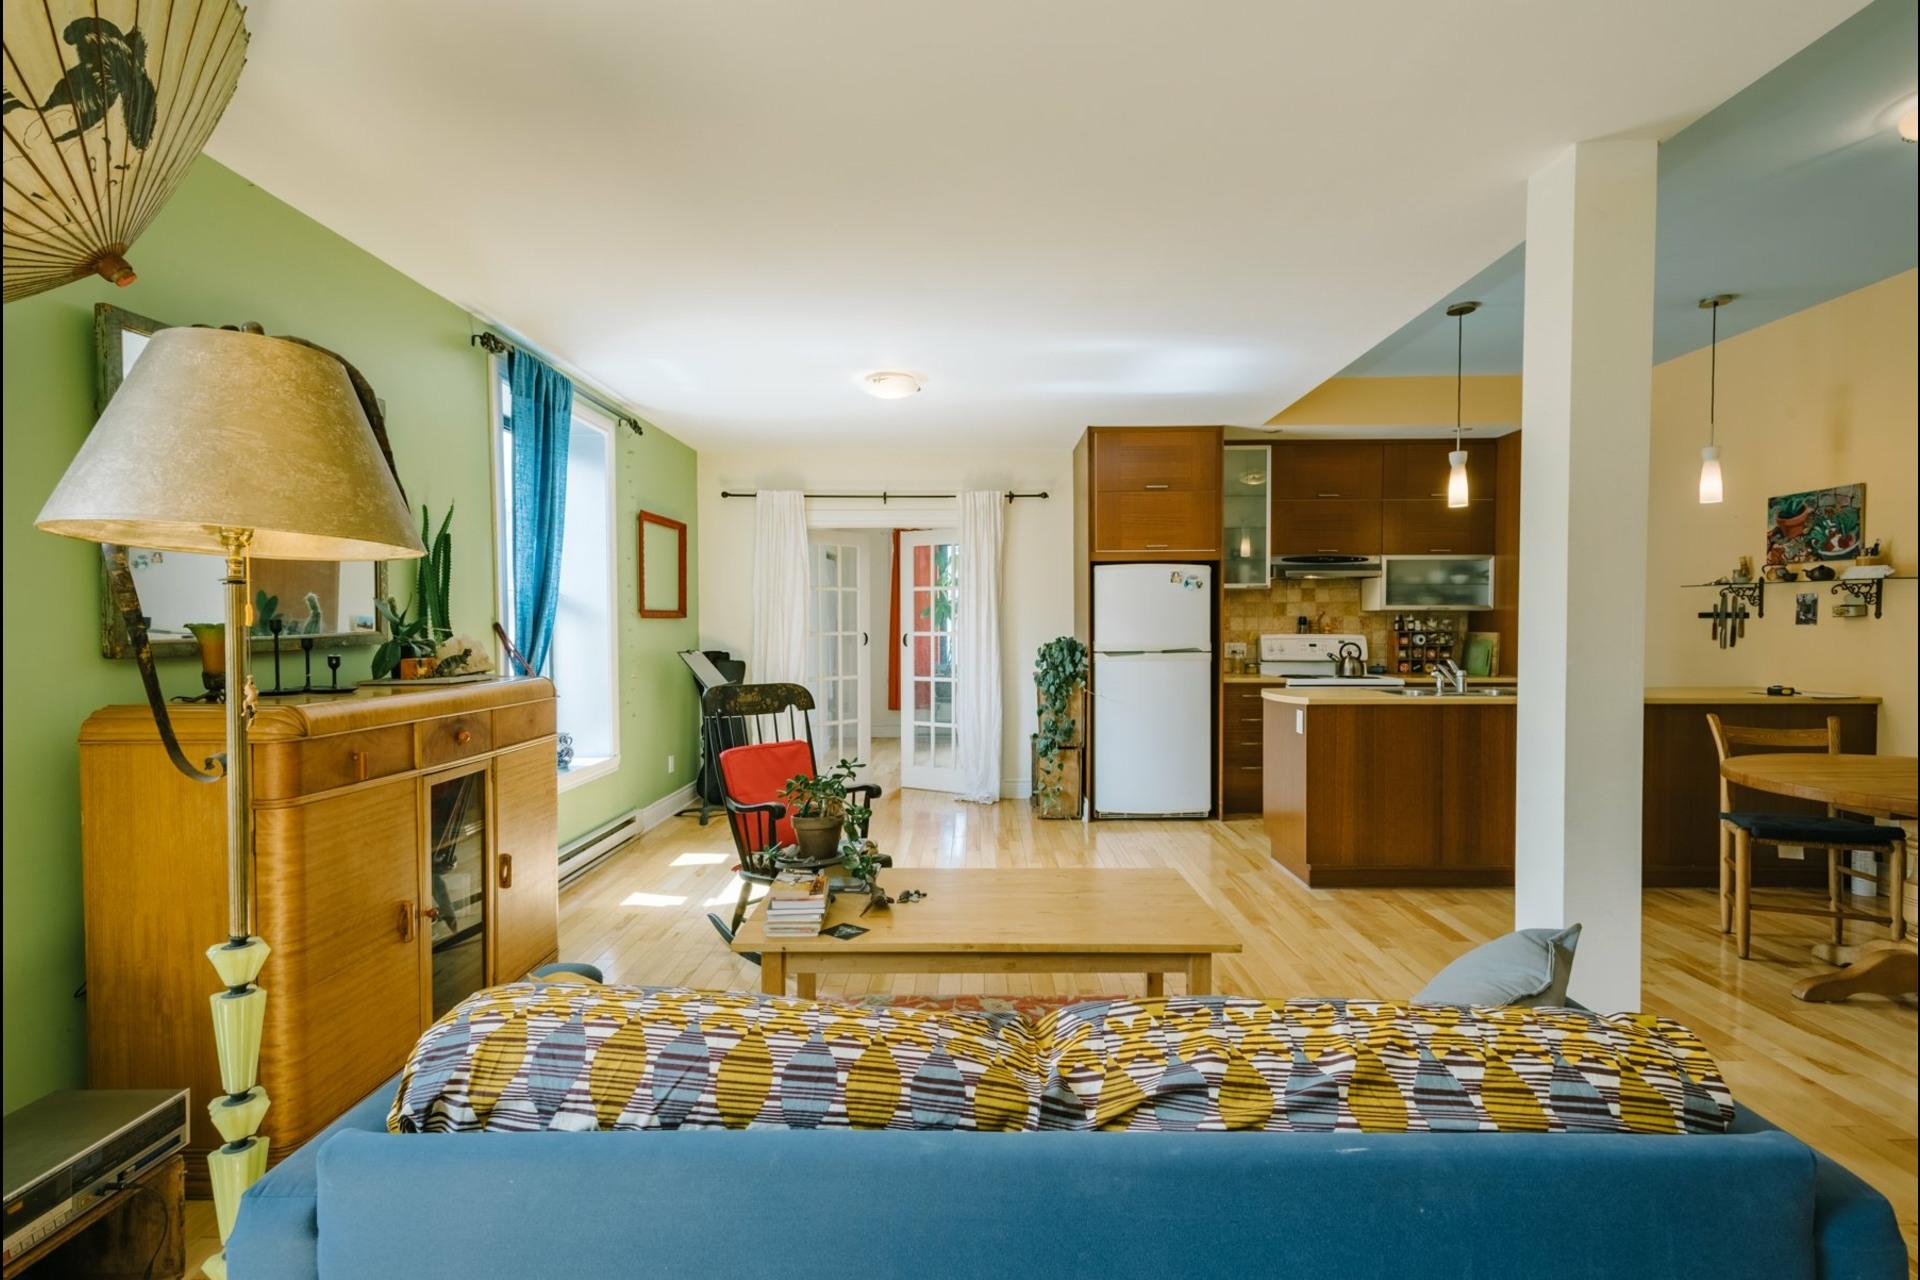 image 7 - Appartement À vendre Montréal Le Plateau-Mont-Royal  - 5 pièces